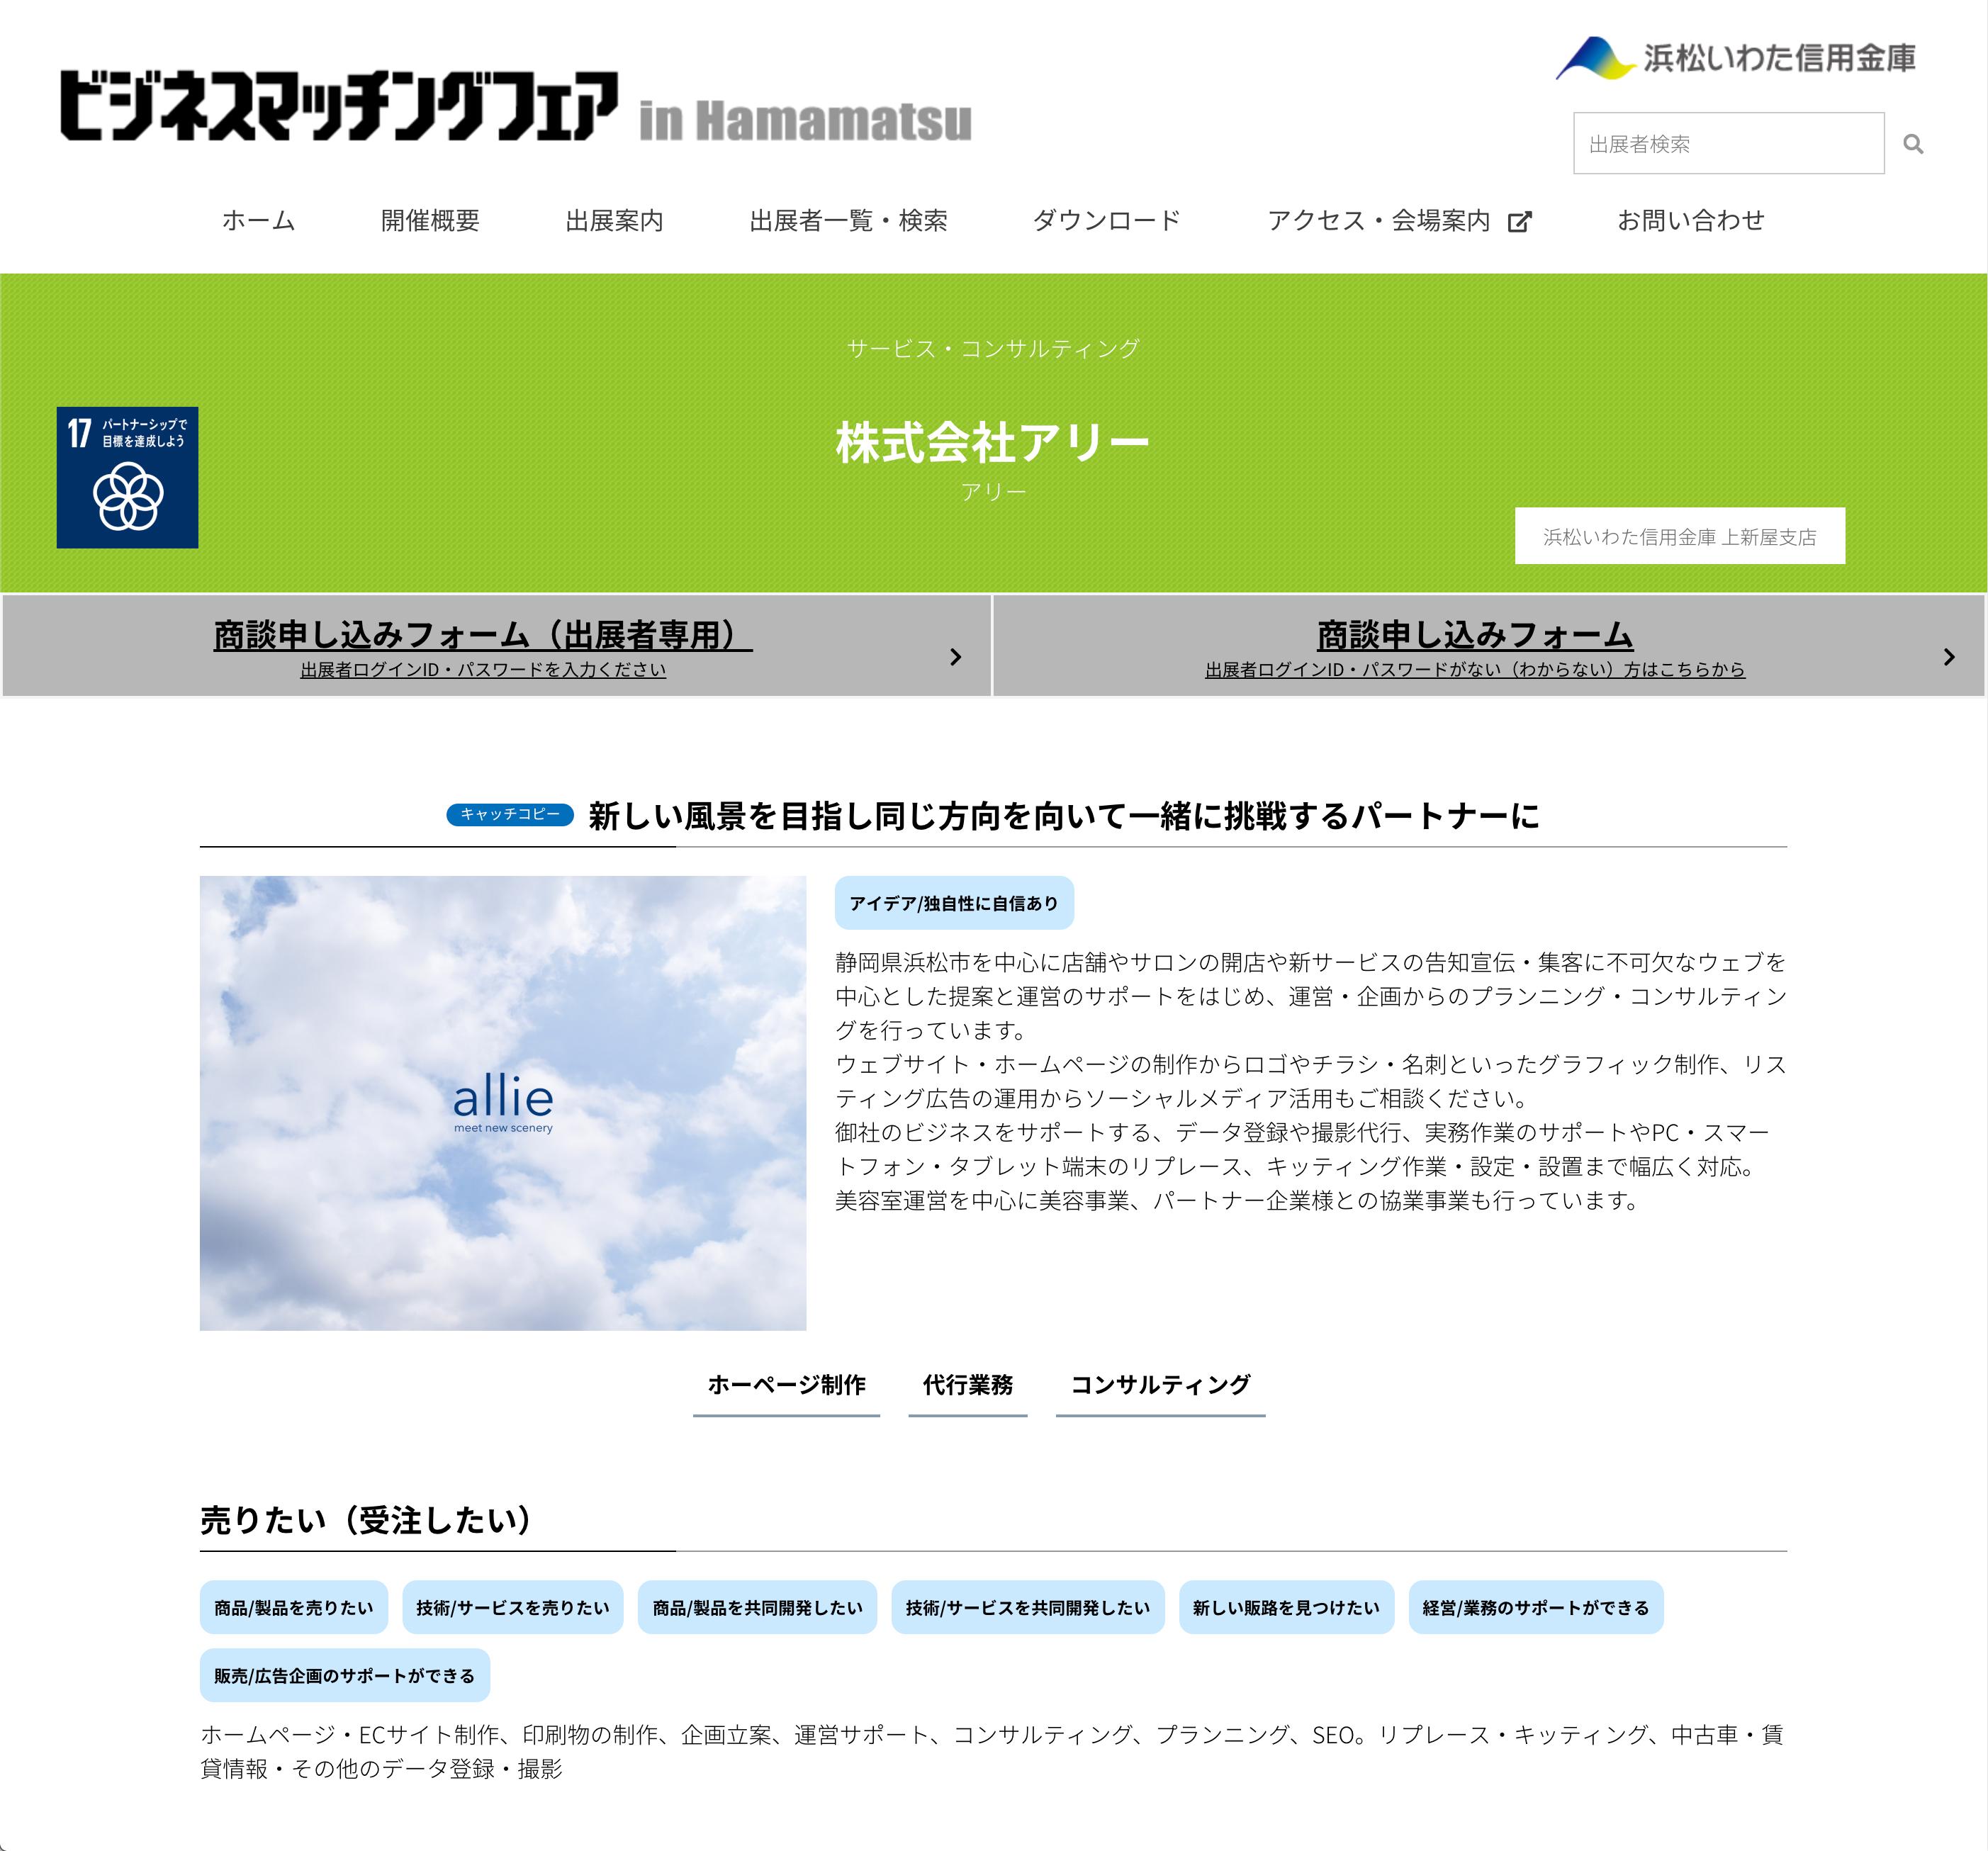 ビジネスマッチングフェア in Hamamatsu 2019